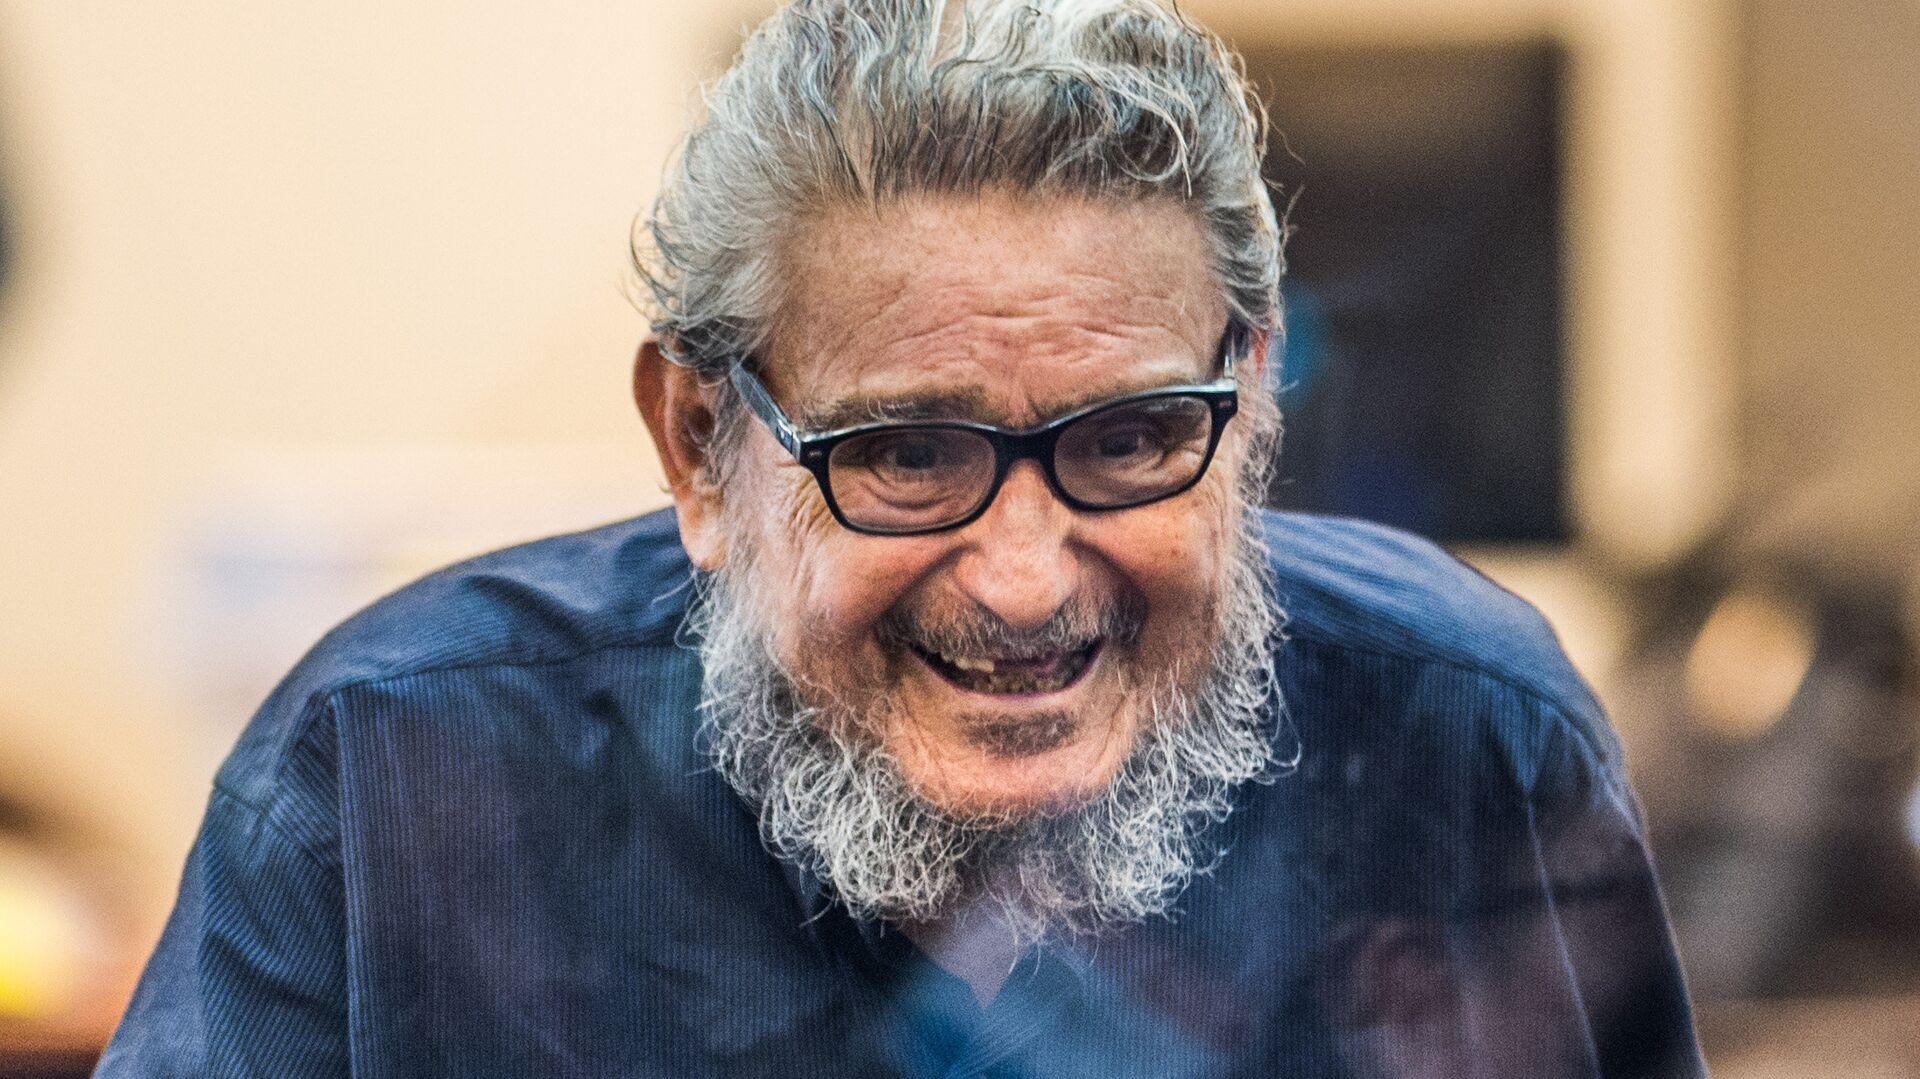 Abimael Guzmán, líder del grupo armado Sendero Luminoso de Perú (archivo) - Sputnik Mundo, 1920, 21.07.2021